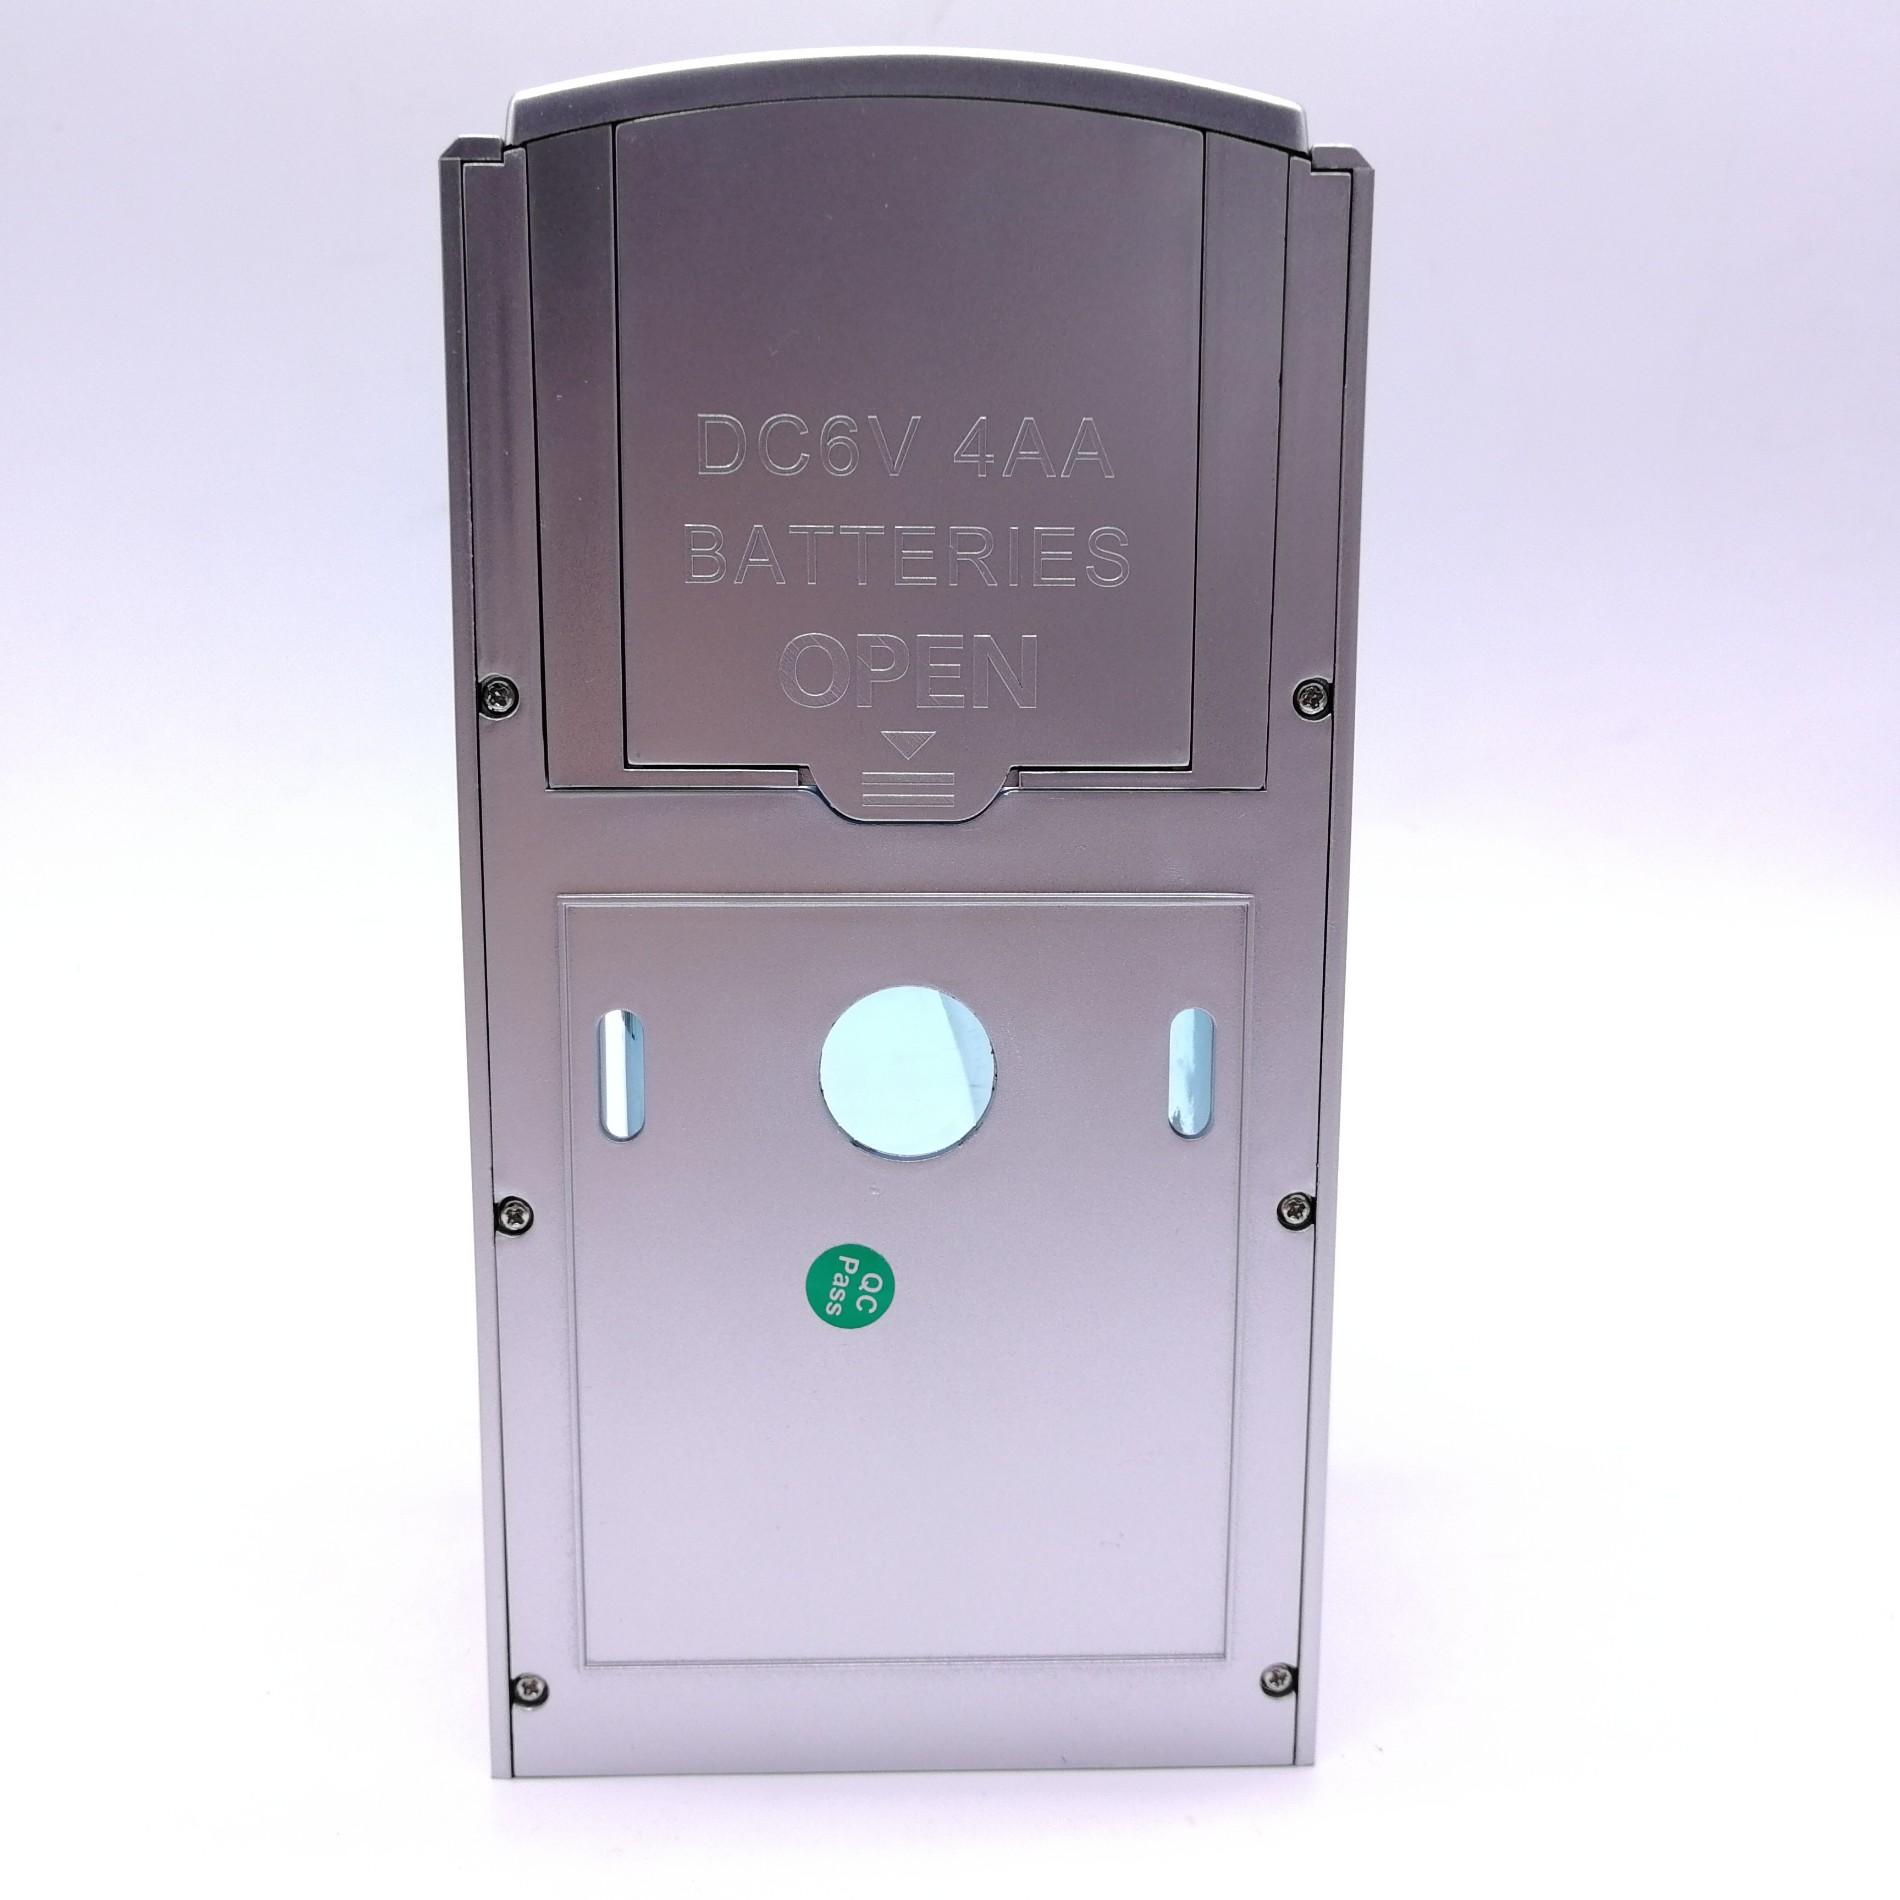 Kaufen SWE Touchless Automatische Schaumseifenspender 17 Unzen / 500ml Infrarot-Bewegungs-Sensor-Premium-Batterie betrieben (Silber / Gold);SWE Touchless Automatische Schaumseifenspender 17 Unzen / 500ml Infrarot-Bewegungs-Sensor-Premium-Batterie betrieben (Silber / Gold) Preis;SWE Touchless Automatische Schaumseifenspender 17 Unzen / 500ml Infrarot-Bewegungs-Sensor-Premium-Batterie betrieben (Silber / Gold) Marken;SWE Touchless Automatische Schaumseifenspender 17 Unzen / 500ml Infrarot-Bewegungs-Sensor-Premium-Batterie betrieben (Silber / Gold) Hersteller;SWE Touchless Automatische Schaumseifenspender 17 Unzen / 500ml Infrarot-Bewegungs-Sensor-Premium-Batterie betrieben (Silber / Gold) Zitat;SWE Touchless Automatische Schaumseifenspender 17 Unzen / 500ml Infrarot-Bewegungs-Sensor-Premium-Batterie betrieben (Silber / Gold) Unternehmen